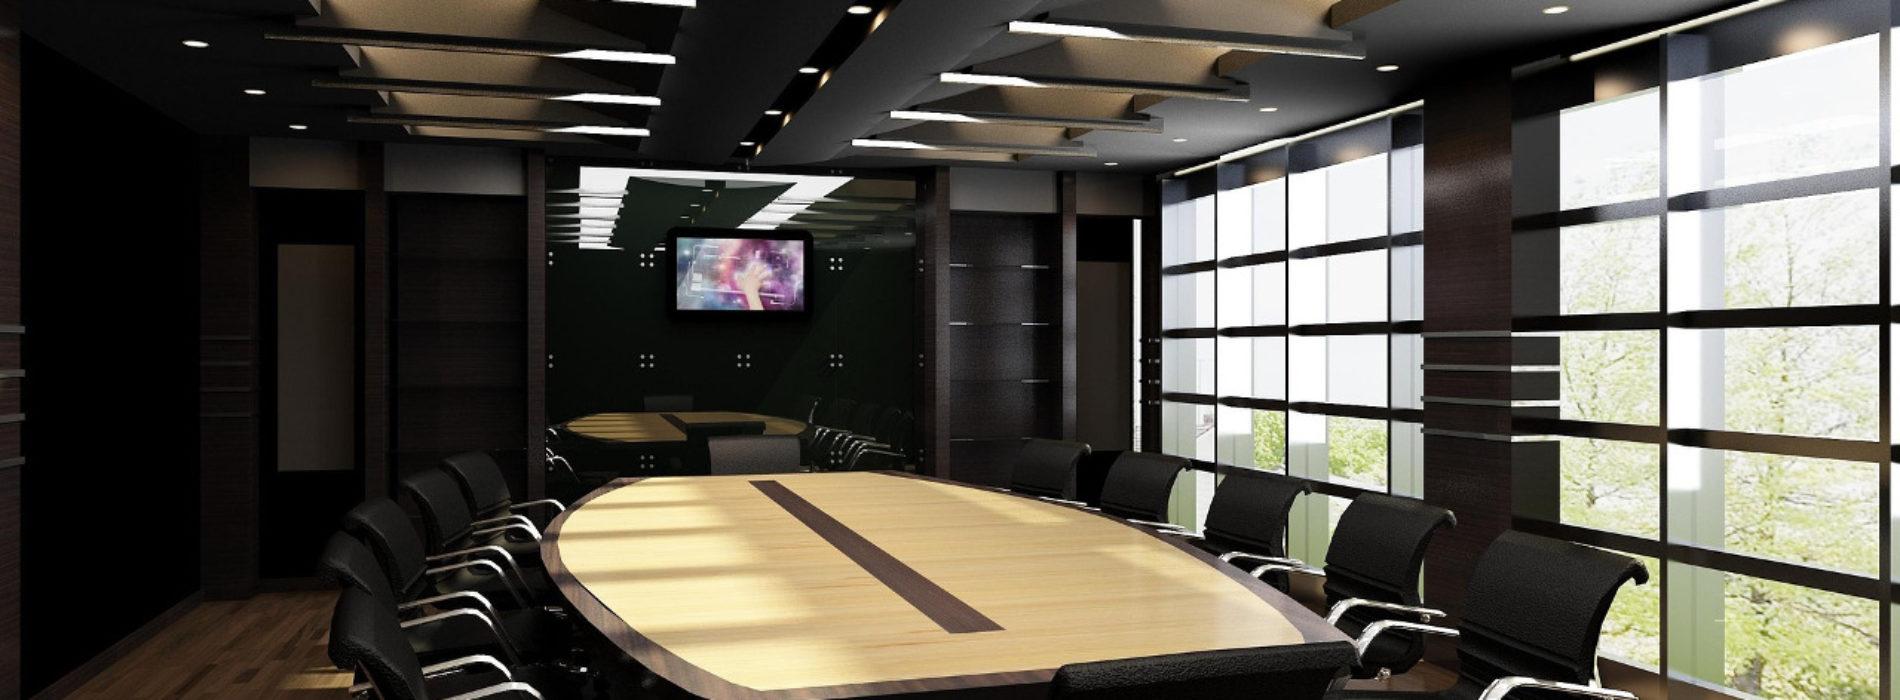 Biuro wirtualne jako sposób na dużą oszczędność finansową w Twojej firmie